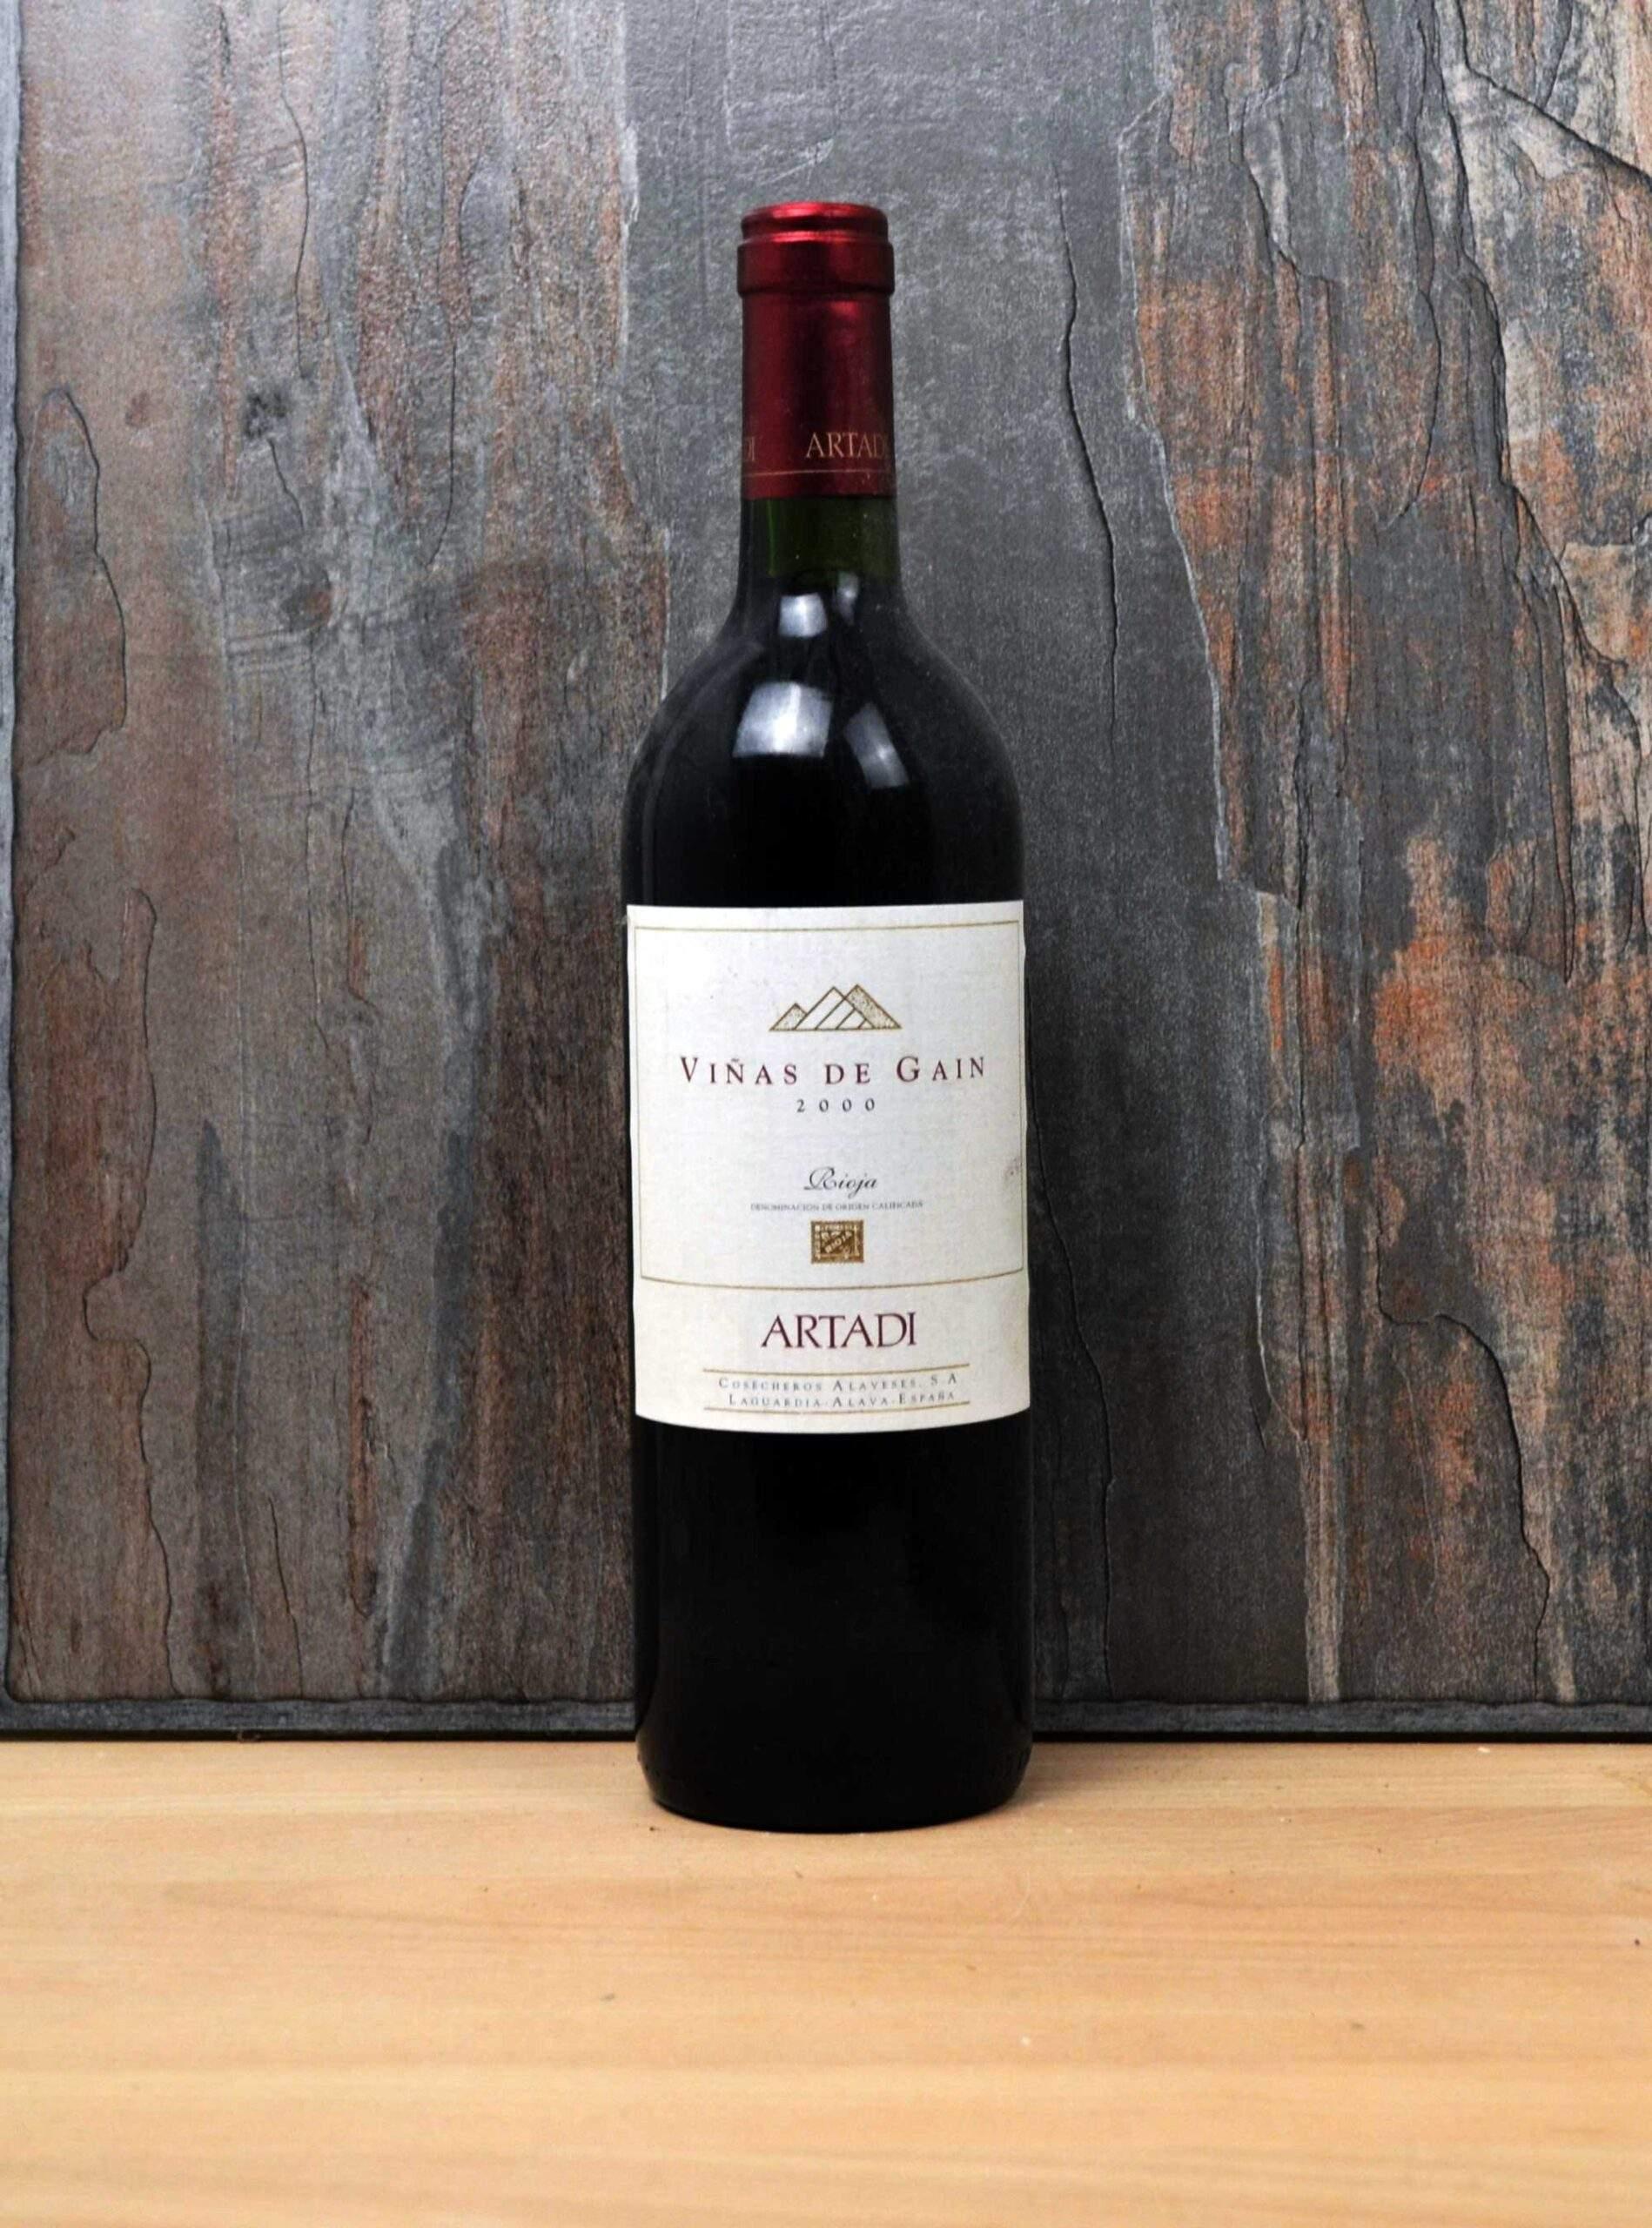 Artadi Viñas de Gain 2000